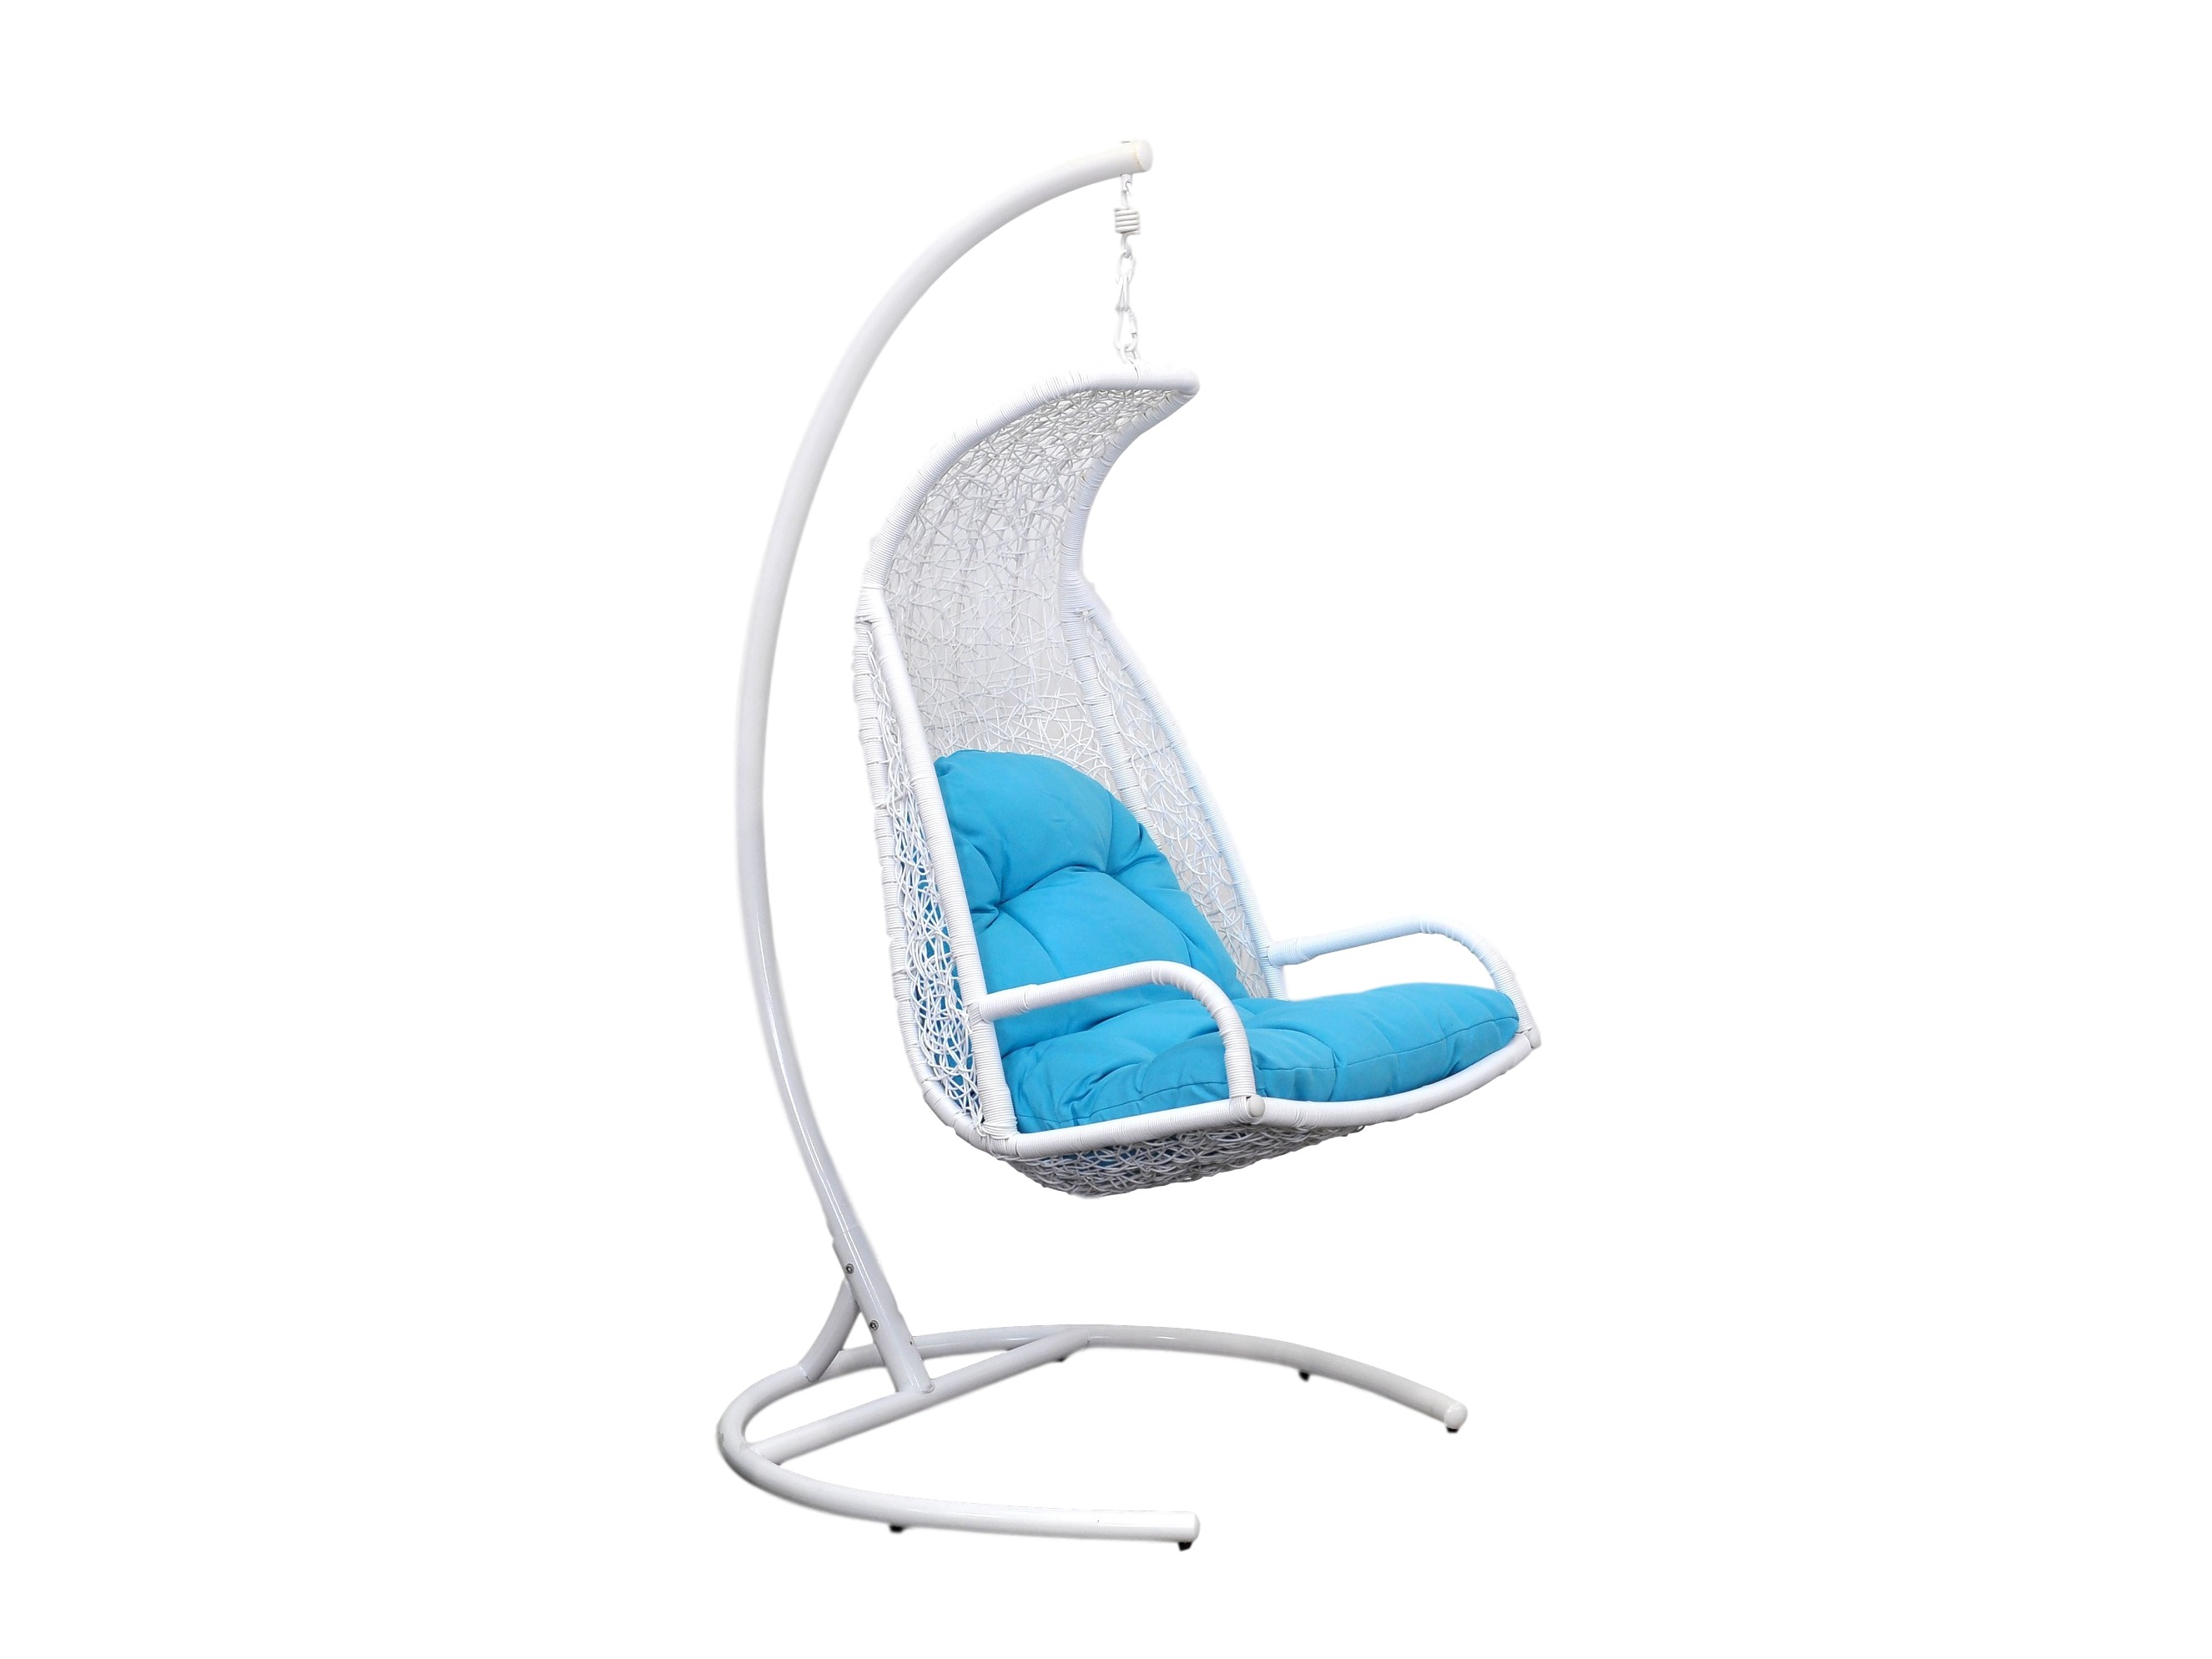 Кресло подвесное LagunaПодвесные кресла<br>Подвесное кресло Laguna выполнено из искусственного ротанга высокого качества. Искусственный ротанг круглой формы, что делает его очень похожим на натуральный ротанговый прут. Каркас опоры и самого кресла покрыт прочной, устойчивой к внешним воздействиям, порошковой краской. А мягкие подушки выполнены из водоотталкивающего материала. Основа кресла выполнена из стали, благодаря чему подвесное кресло может выдерживать вес до 120 кг. Когда Вы сидите  в кресле, общая нагрузка приходится не на ажурное плетение, а именно на металлический каркас.Материал каркаса: сталь.Материал плетения: PE-ротанг (искусственный ротанг) высокого качества (круглый).Выдерживаемая нагрузка: 120 кг.&amp;nbsp;Вес: 29 кг.&amp;nbsp;Конструкция кресла: сборно-разборное. Кресло состоит из трех частей: основание, опора и чаша. Сборка не требует специальных навыков.<br><br>kit: None<br>gender: None